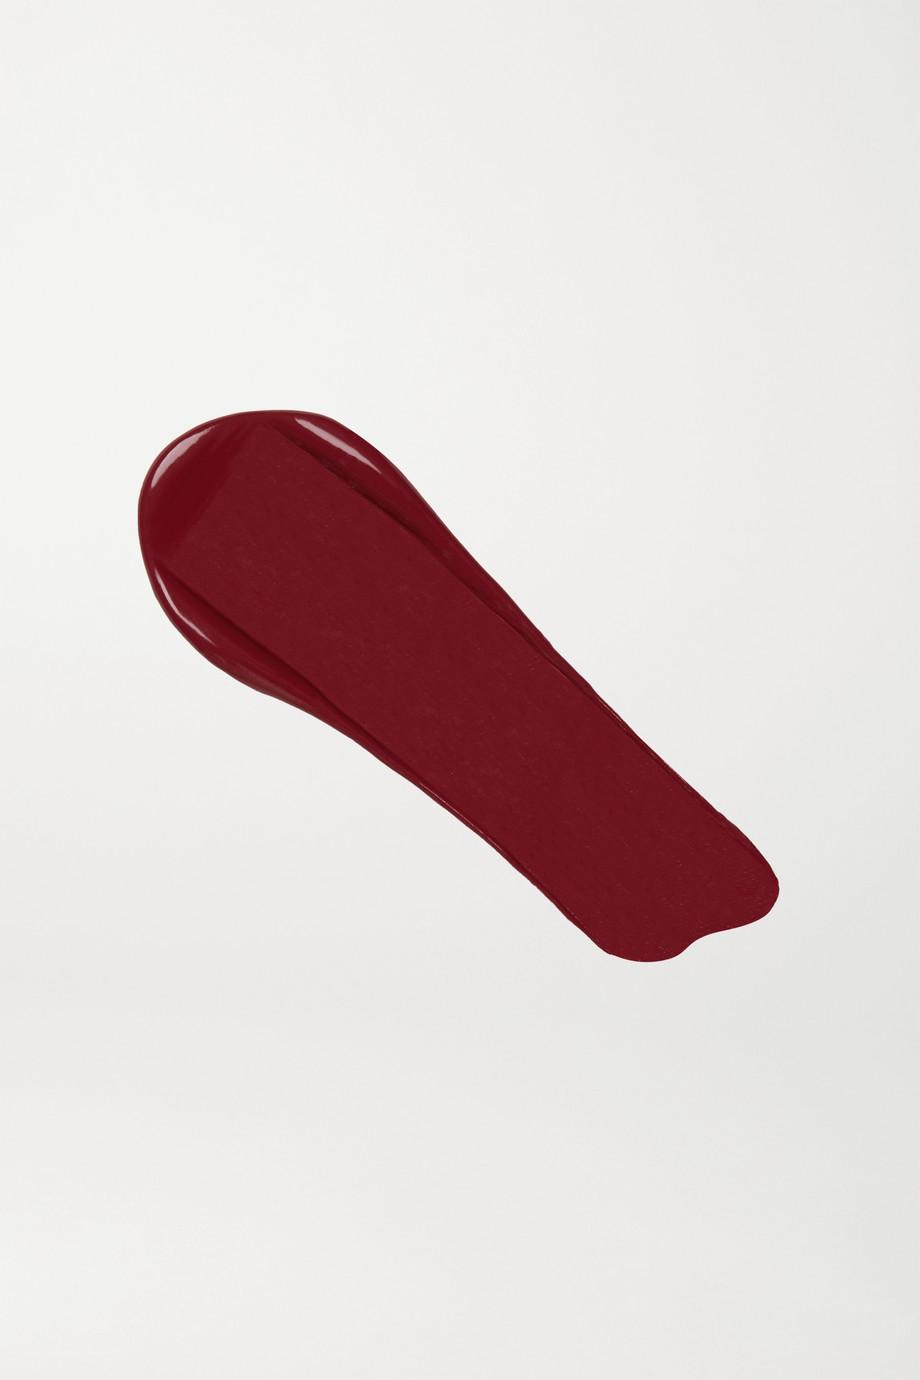 Christian Louboutin Beauty Lips Fluid Matte Lip Color - Corset D'Amour